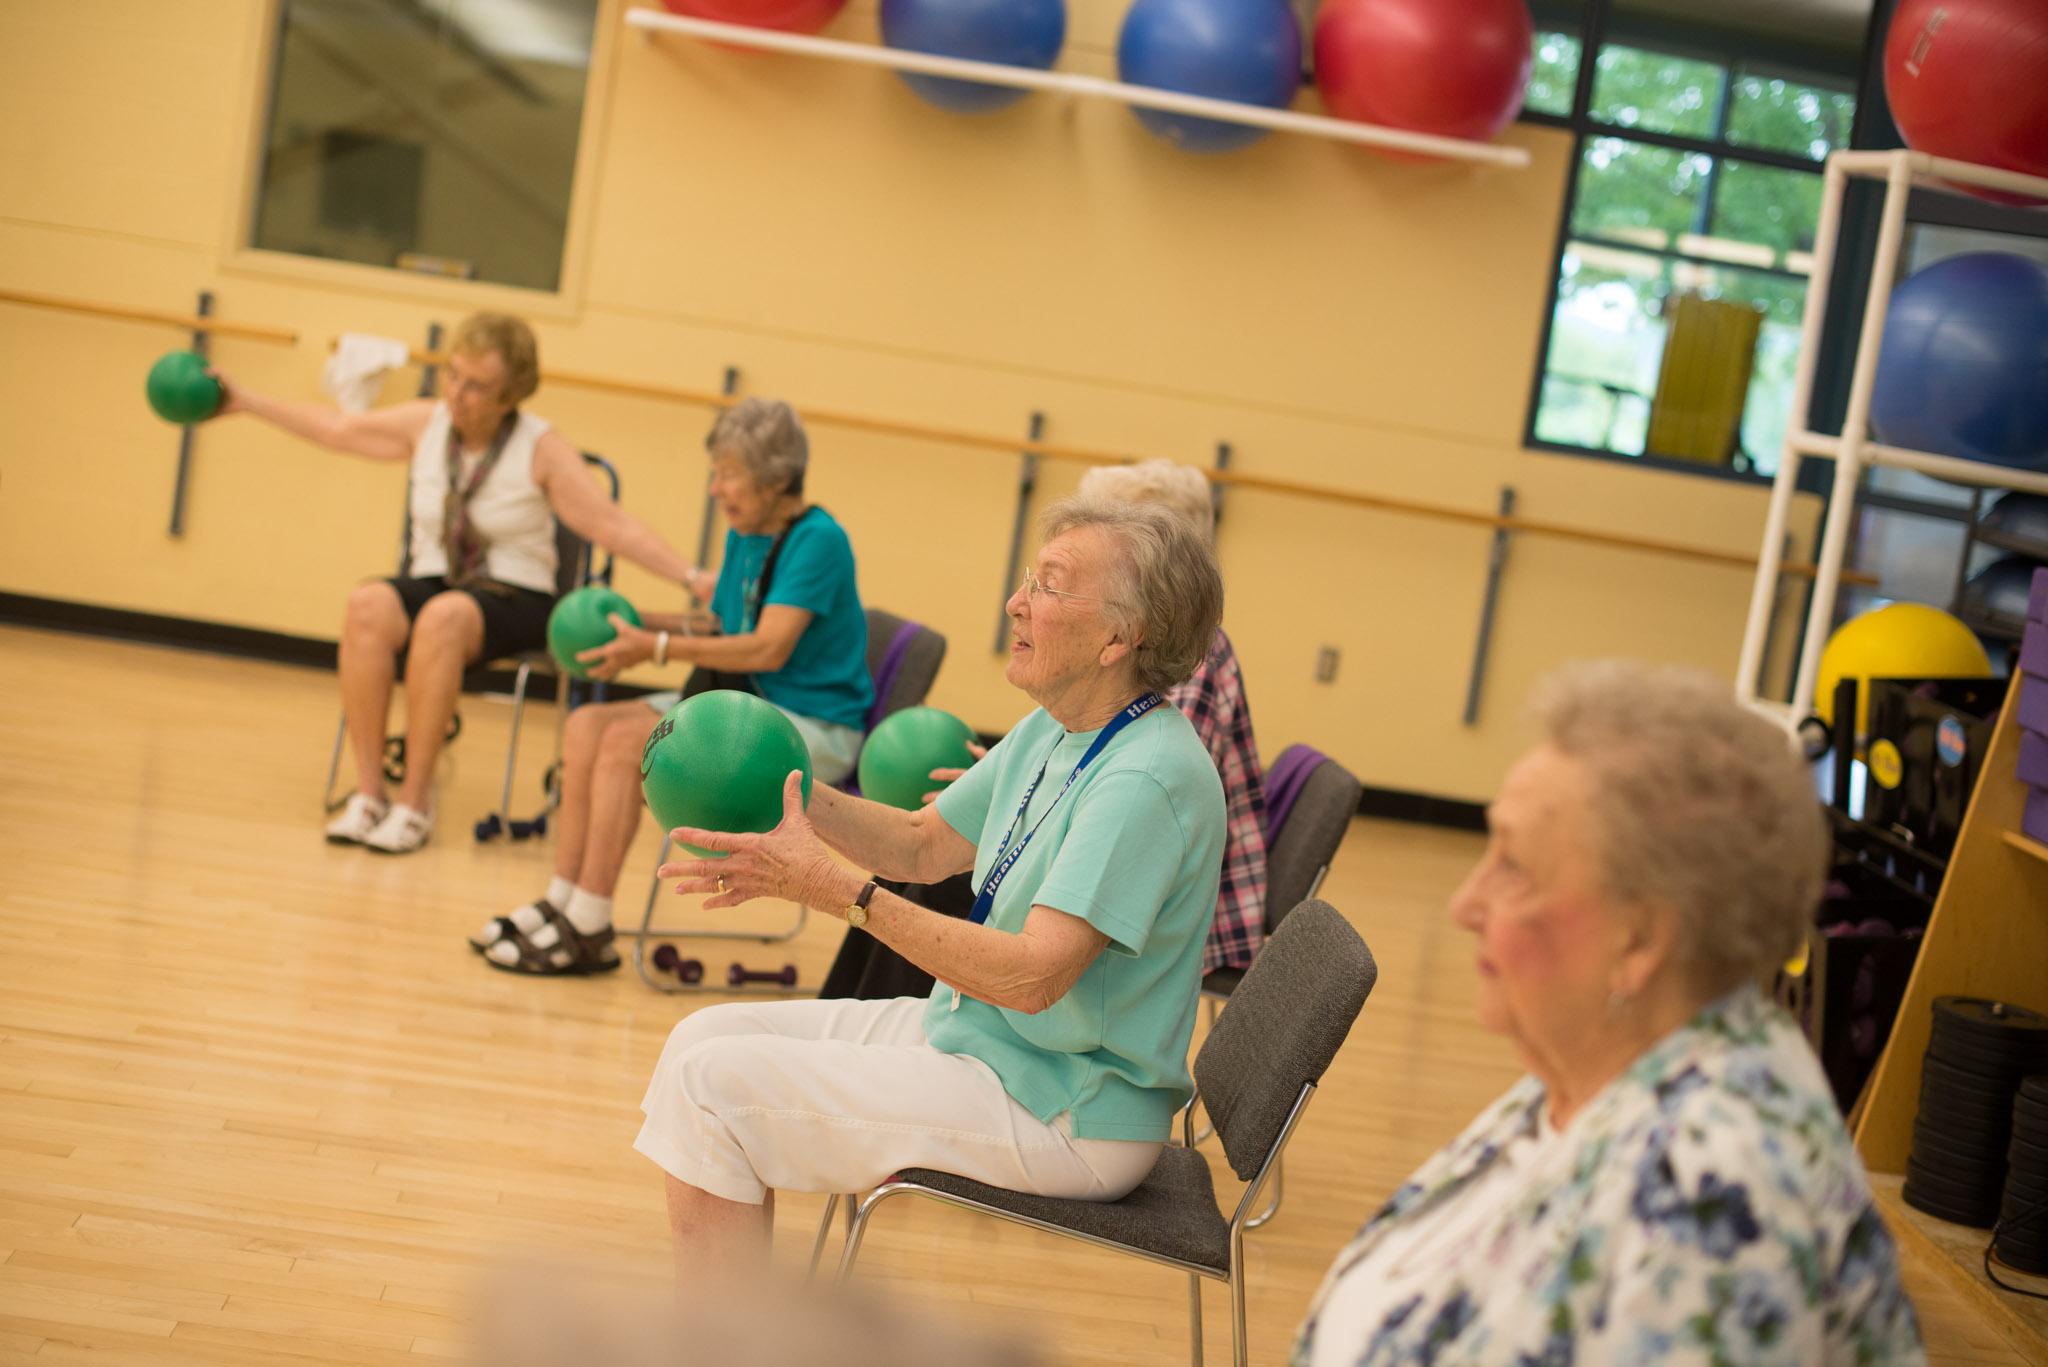 Wellness Center Stock Photos-1033.jpg